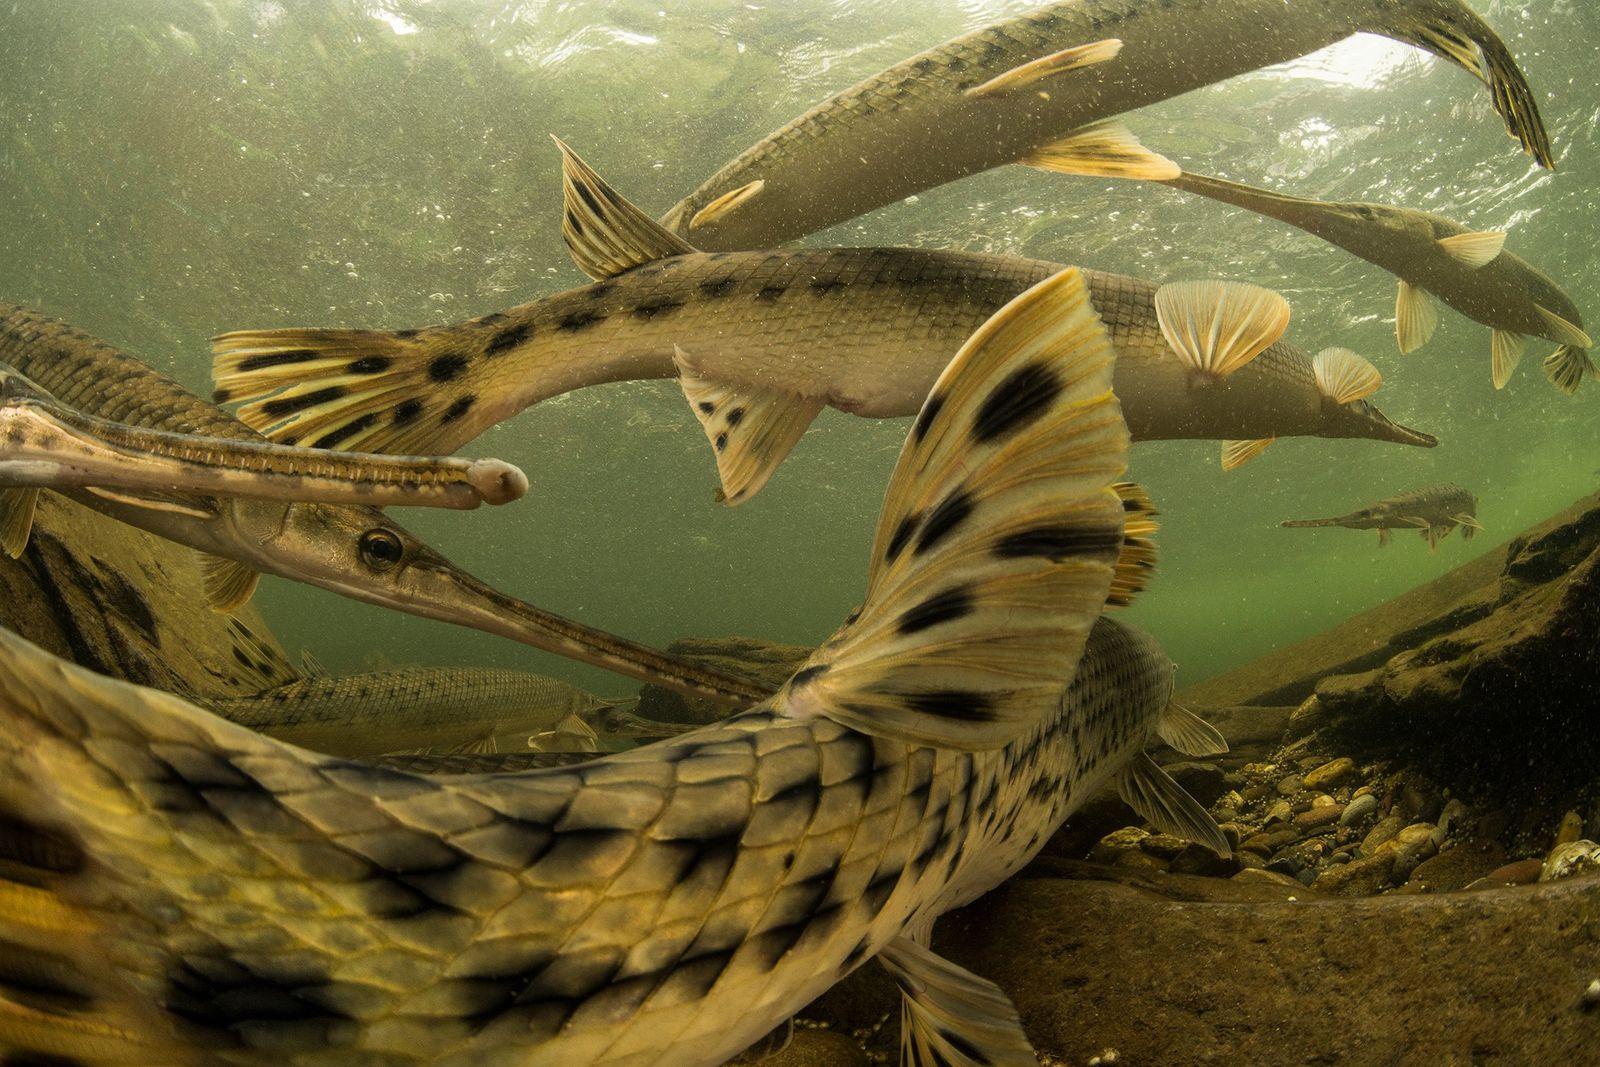 Os peixes-boca-de-jacaré são peixes primitivos que não mudaram muito desde os tempos pré-históricos. Uma fêmea pronta ...